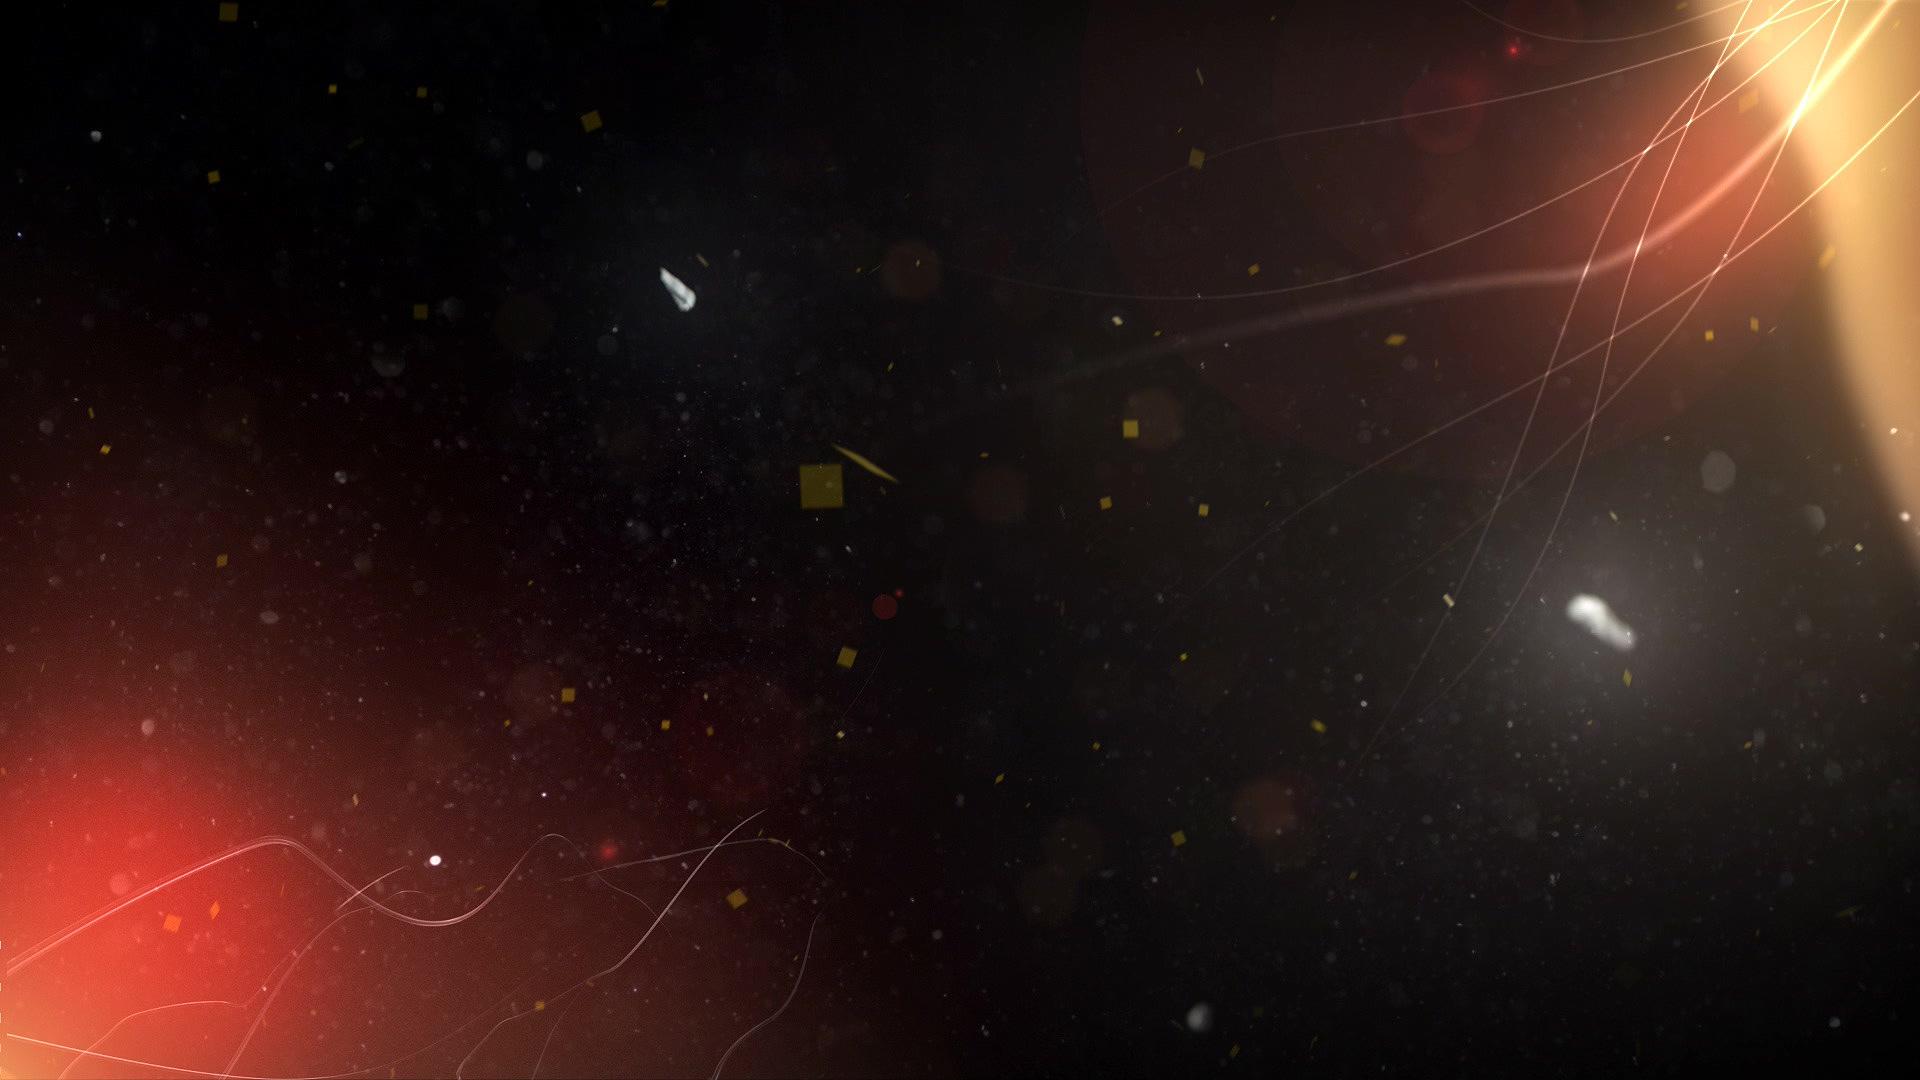 超炫粒子光线波纹飘动高清背景视频素材